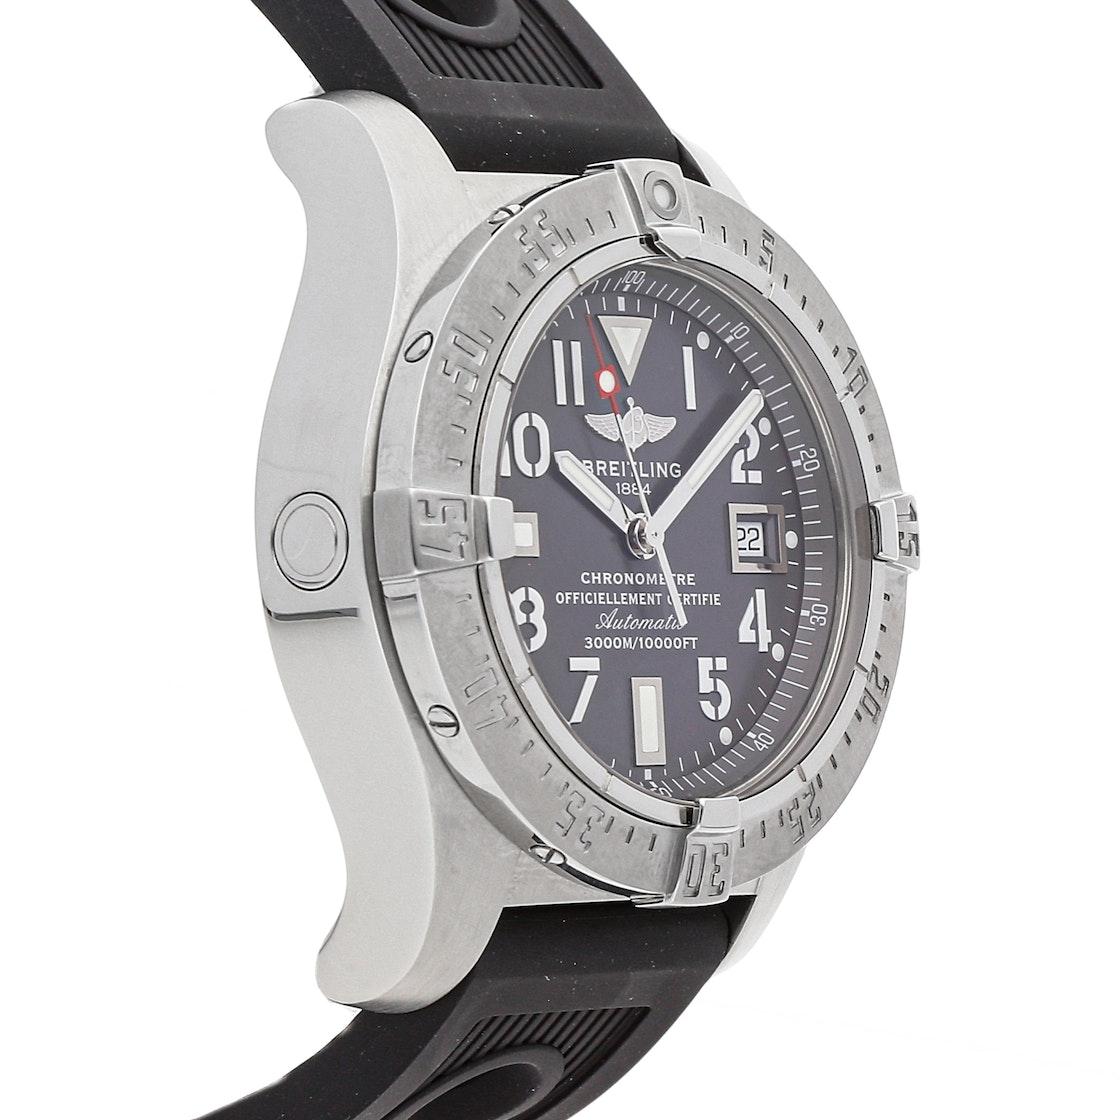 Breitling Avenger Seawolf A1733010/F538